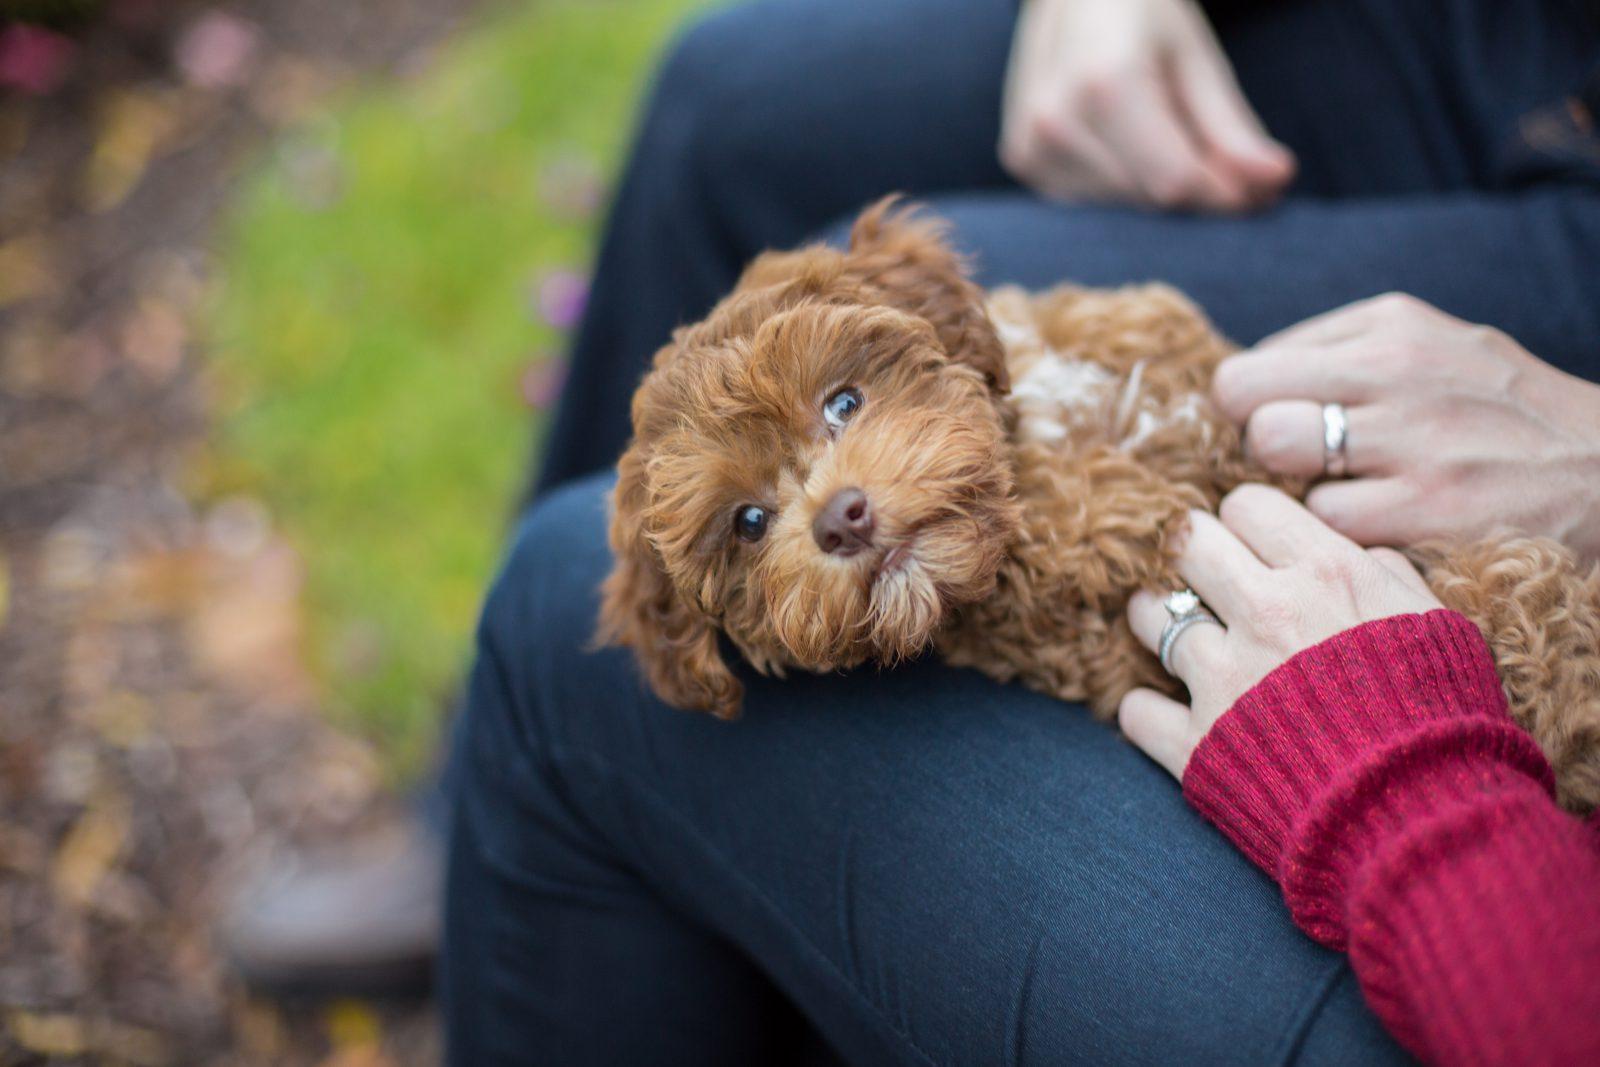 Cão guia: Poodle toy marrom chocolate recebendo carinho no colo de seu dono.